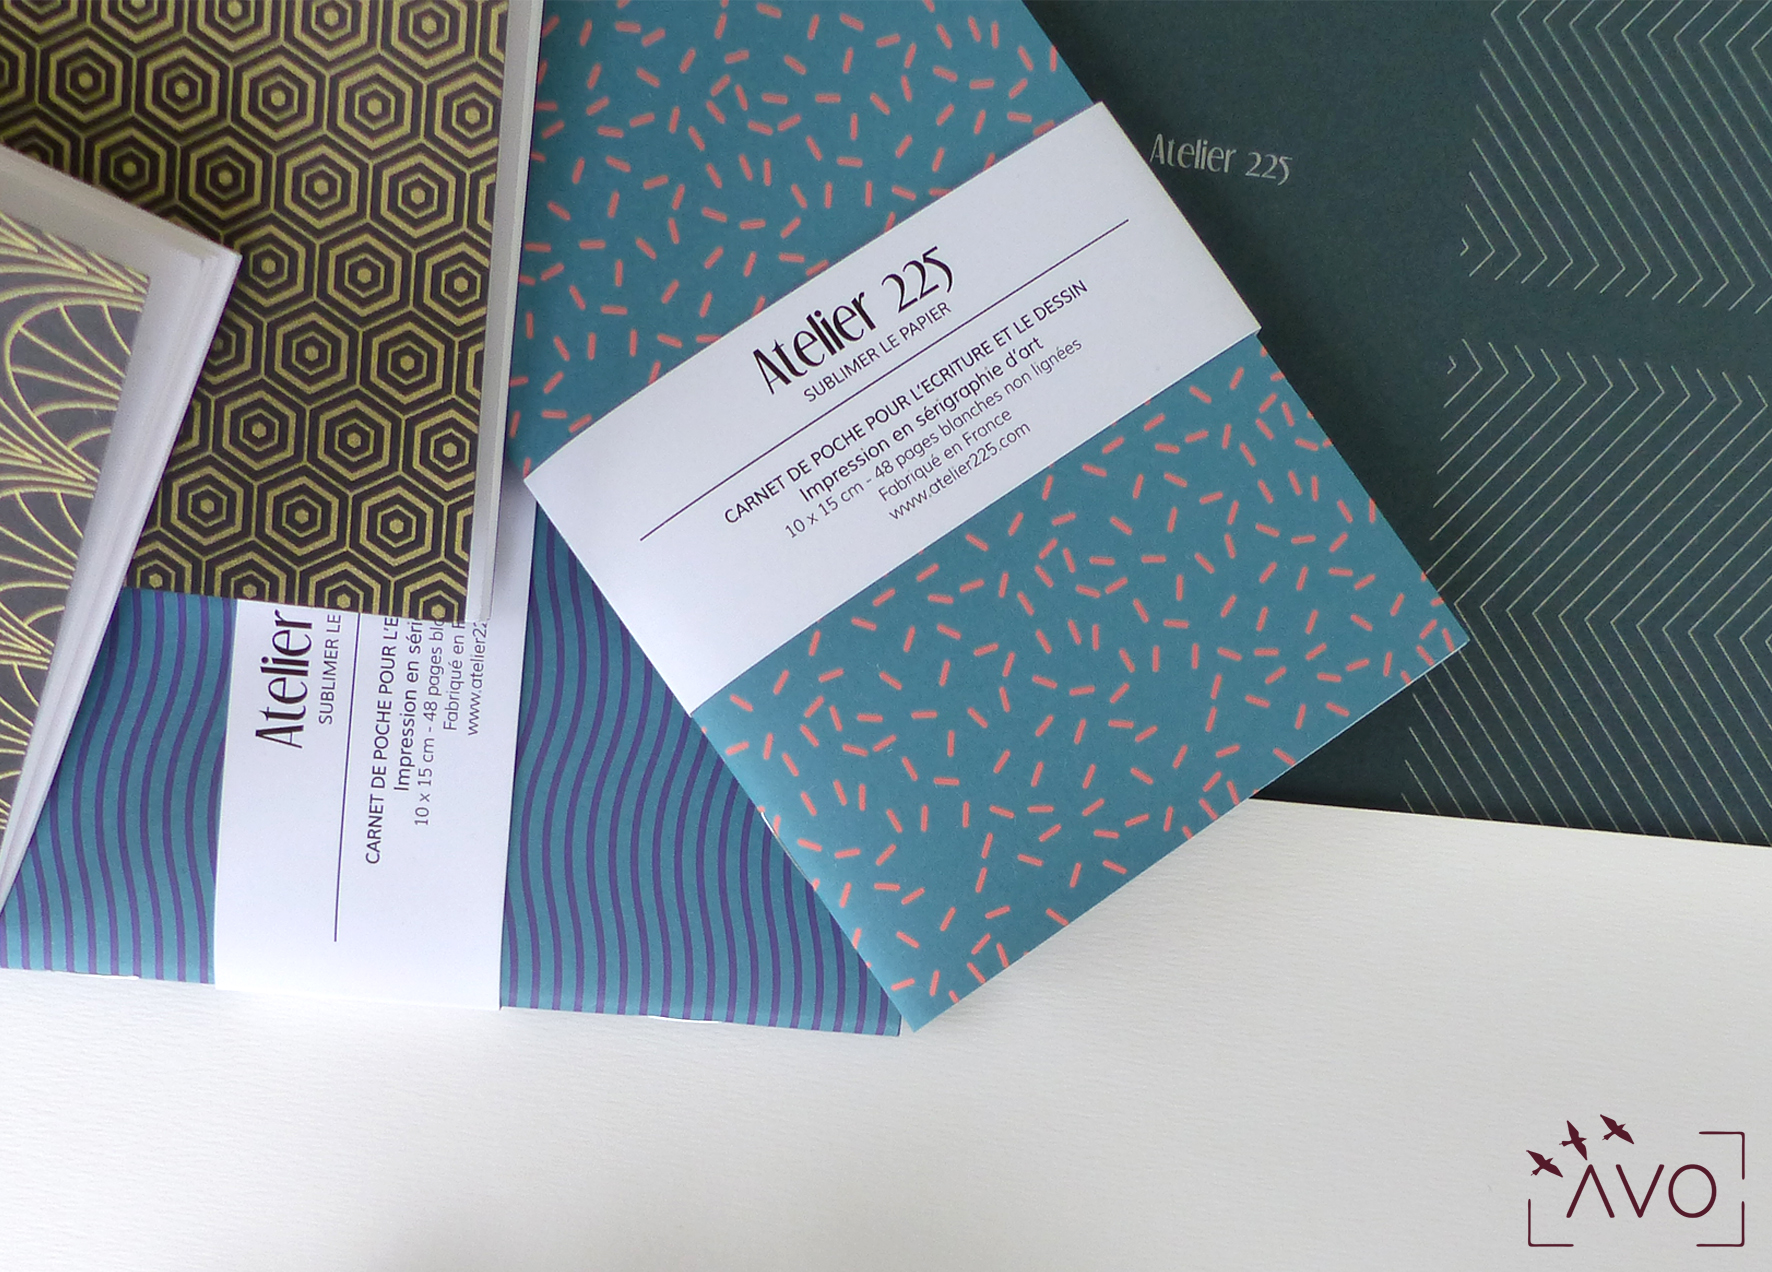 atelier-225-papeterie-ecologique-geometrique-papier-petit-barette